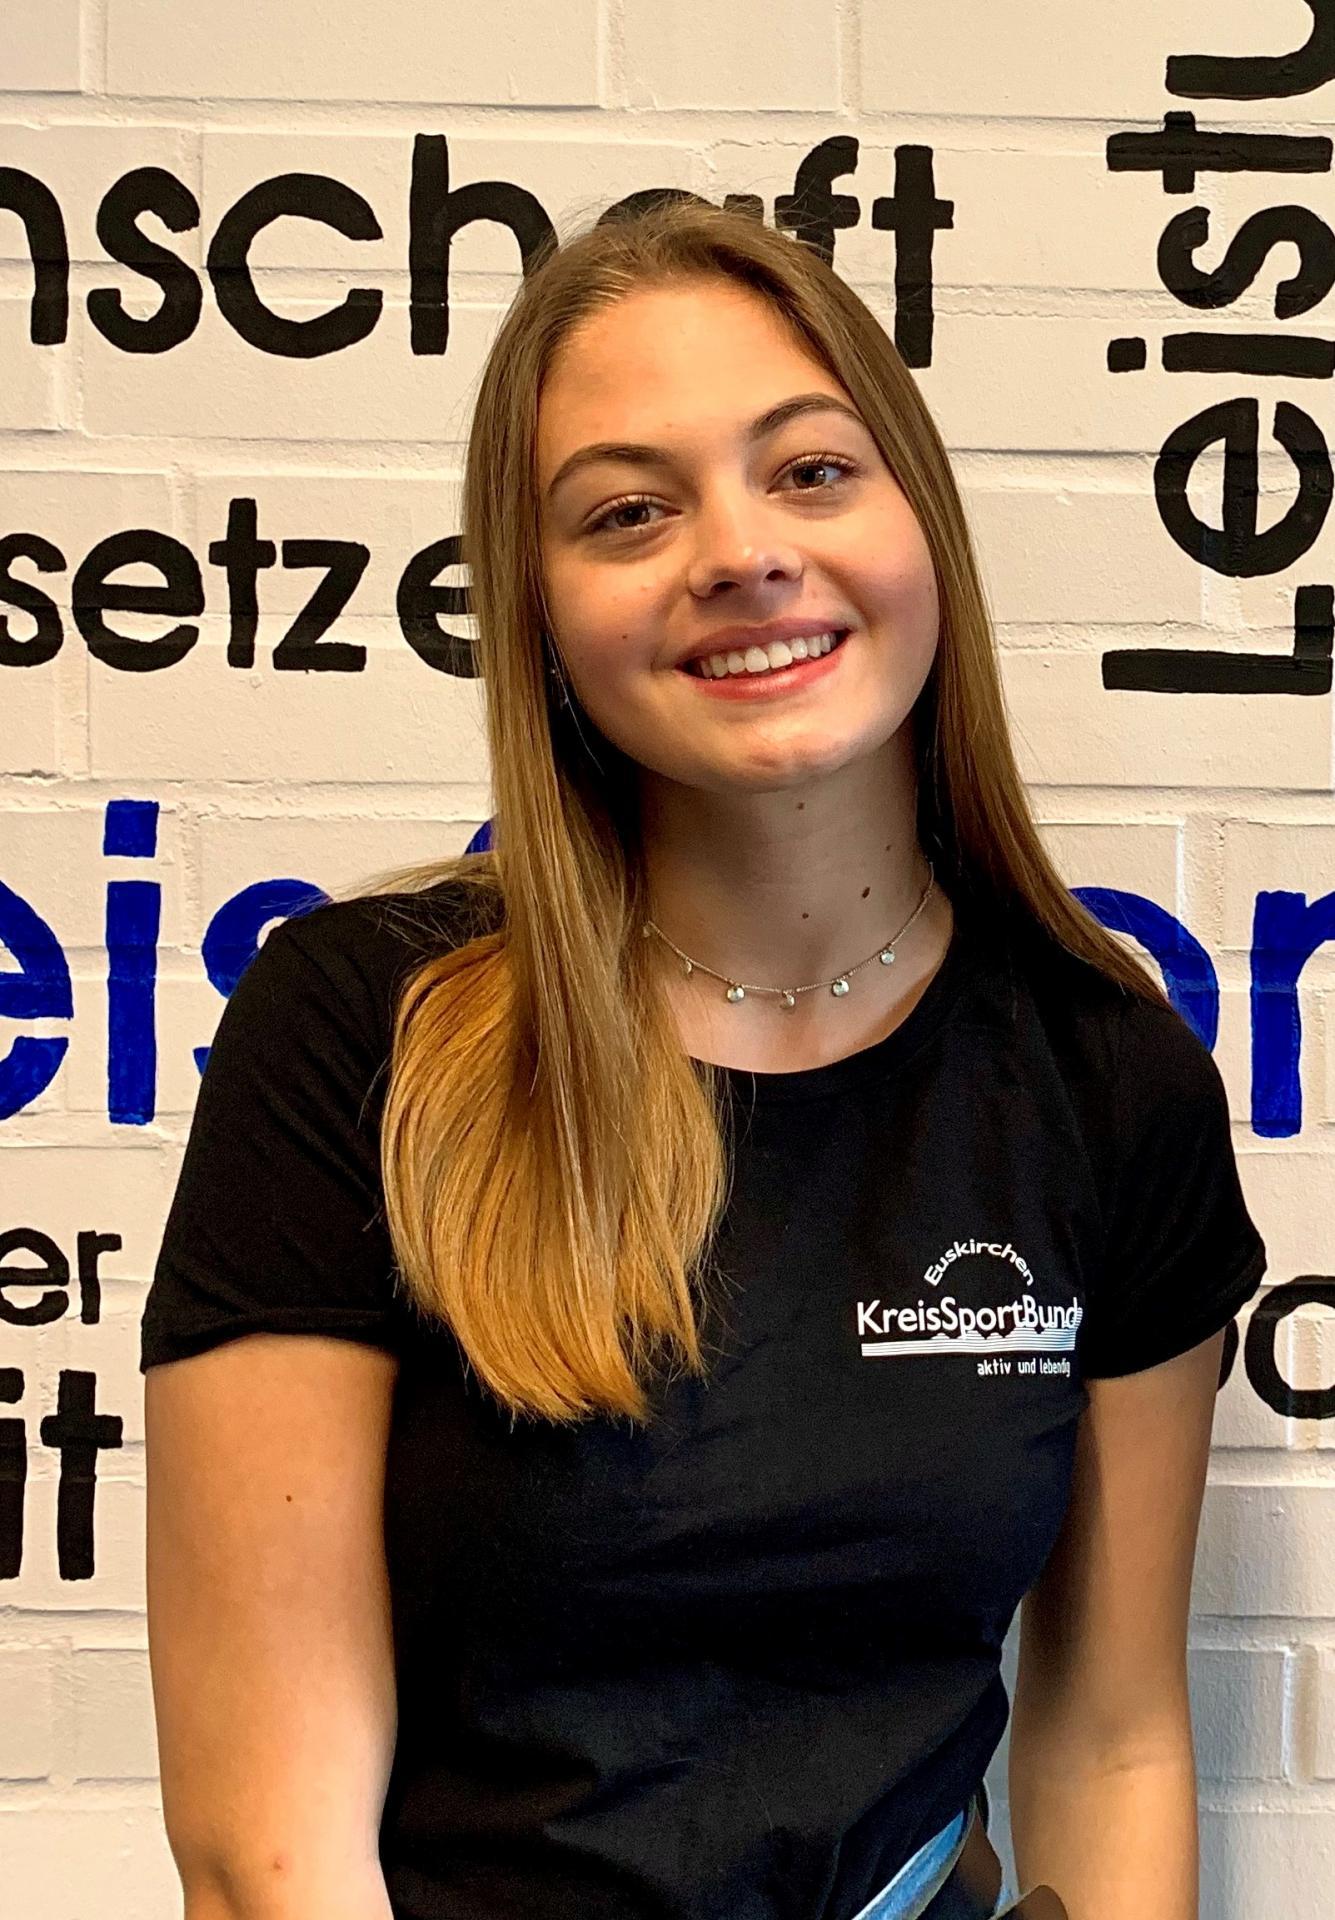 Laura Sahiti